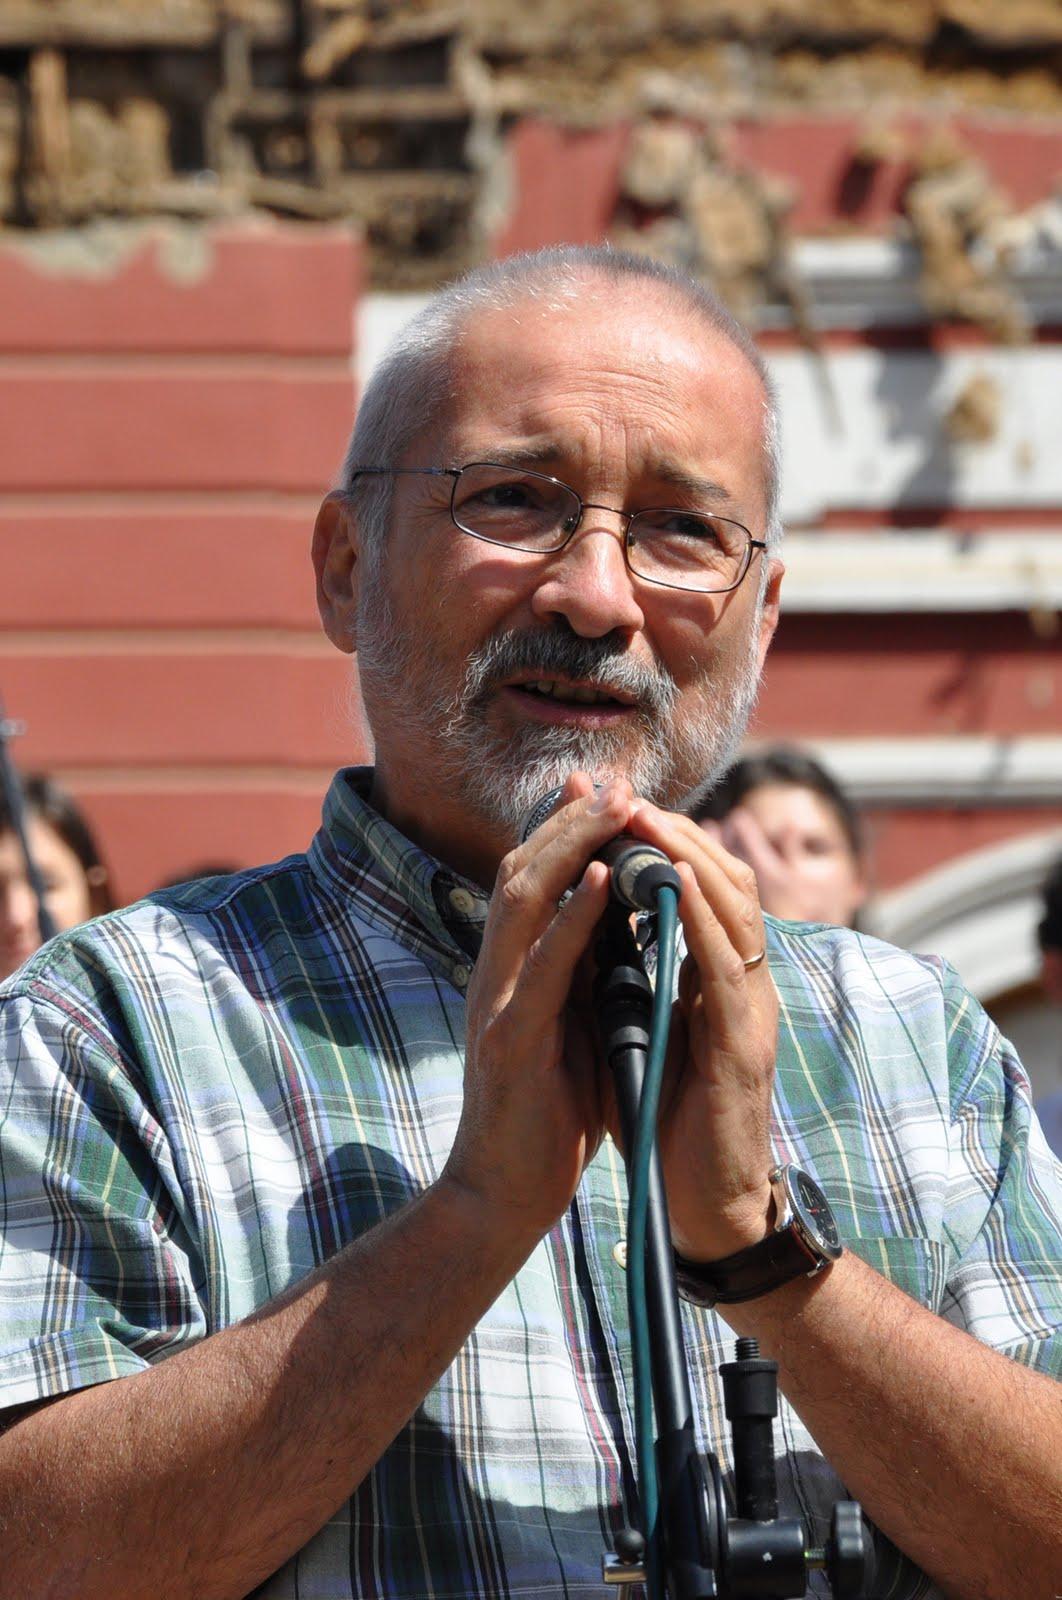 http://4.bp.blogspot.com/_1_5PTsvMipE/S9hmtyvqfGI/AAAAAAAAEM0/OUqU6wqhR_o/s1600/Orquesta+TRM+Constitucion_10.jpg